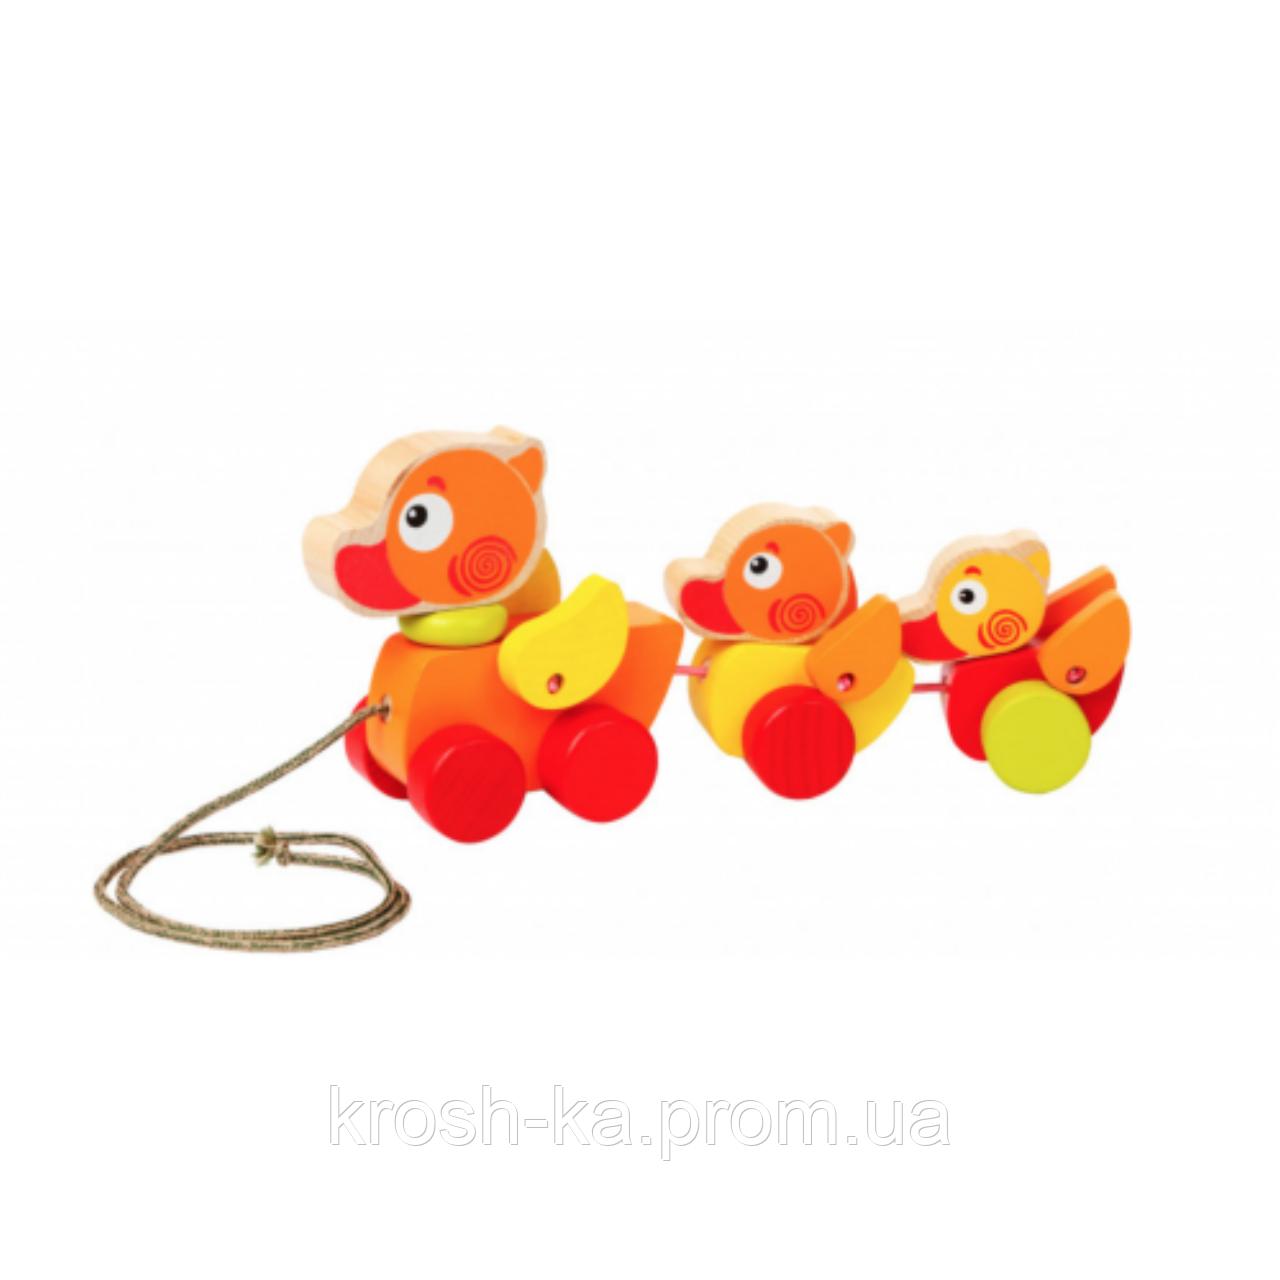 Деревянная игрушка Путешествие утят Cubika Украина 13722